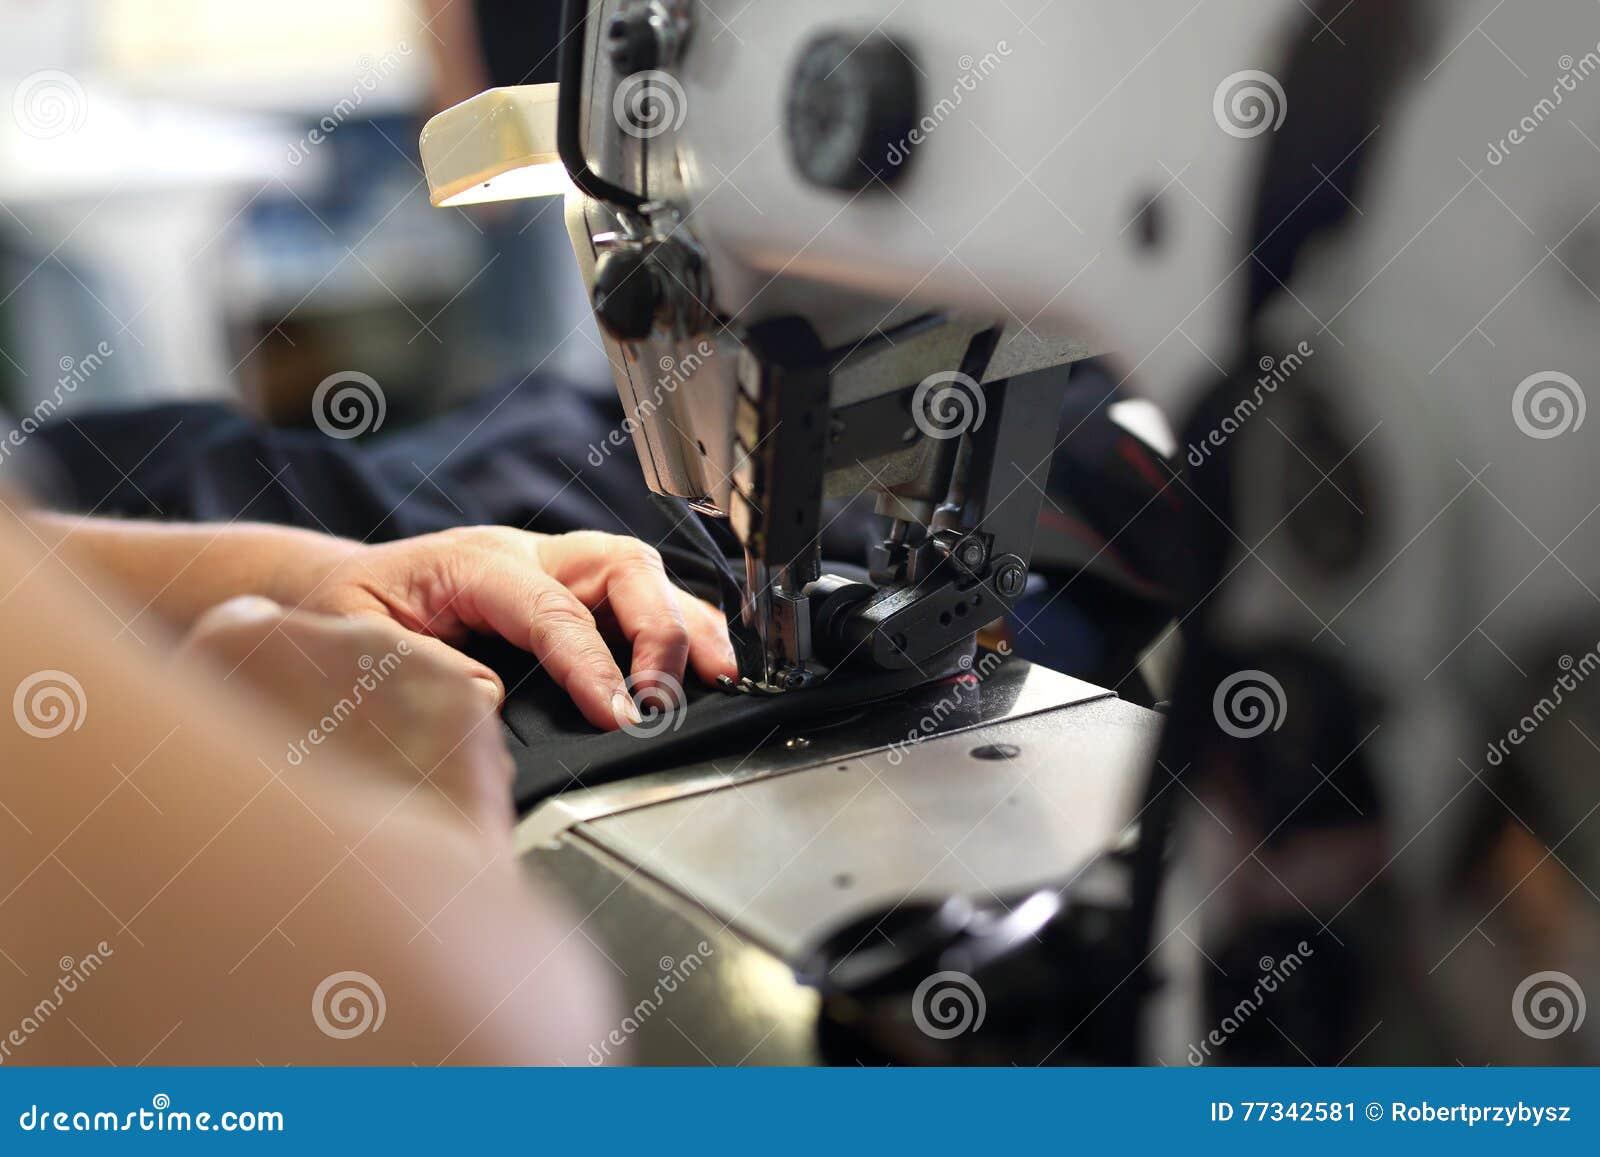 Παραγωγή των ενδυμάτων, που ράβει σε μια μηχανή